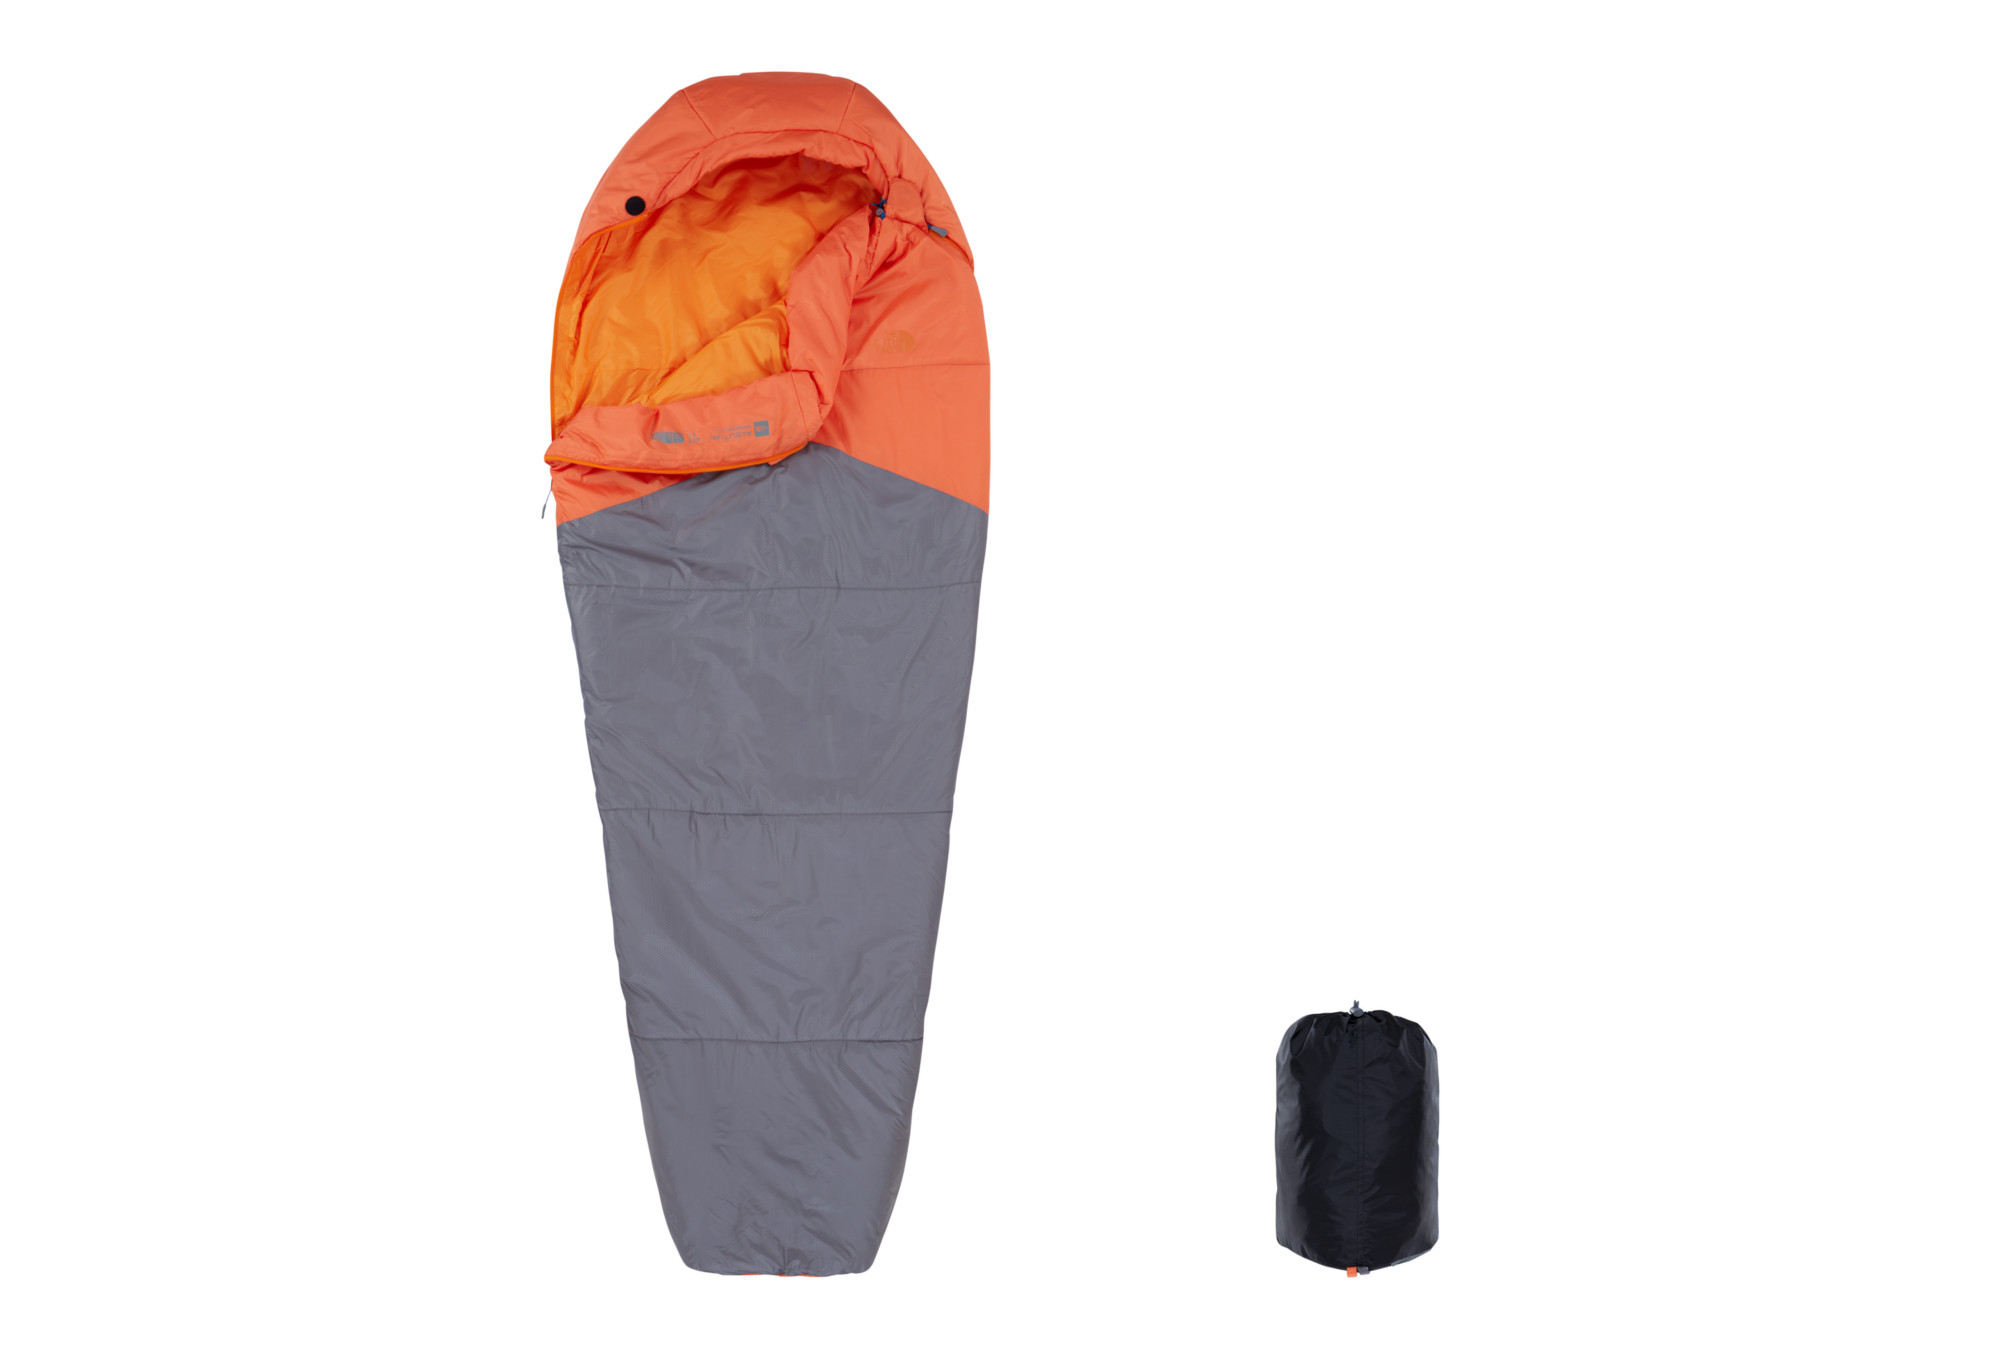 ce1dc734f7 Sac de Couchage The North Face Aleutian 40/4 Long Zip Gauche Orange Gris